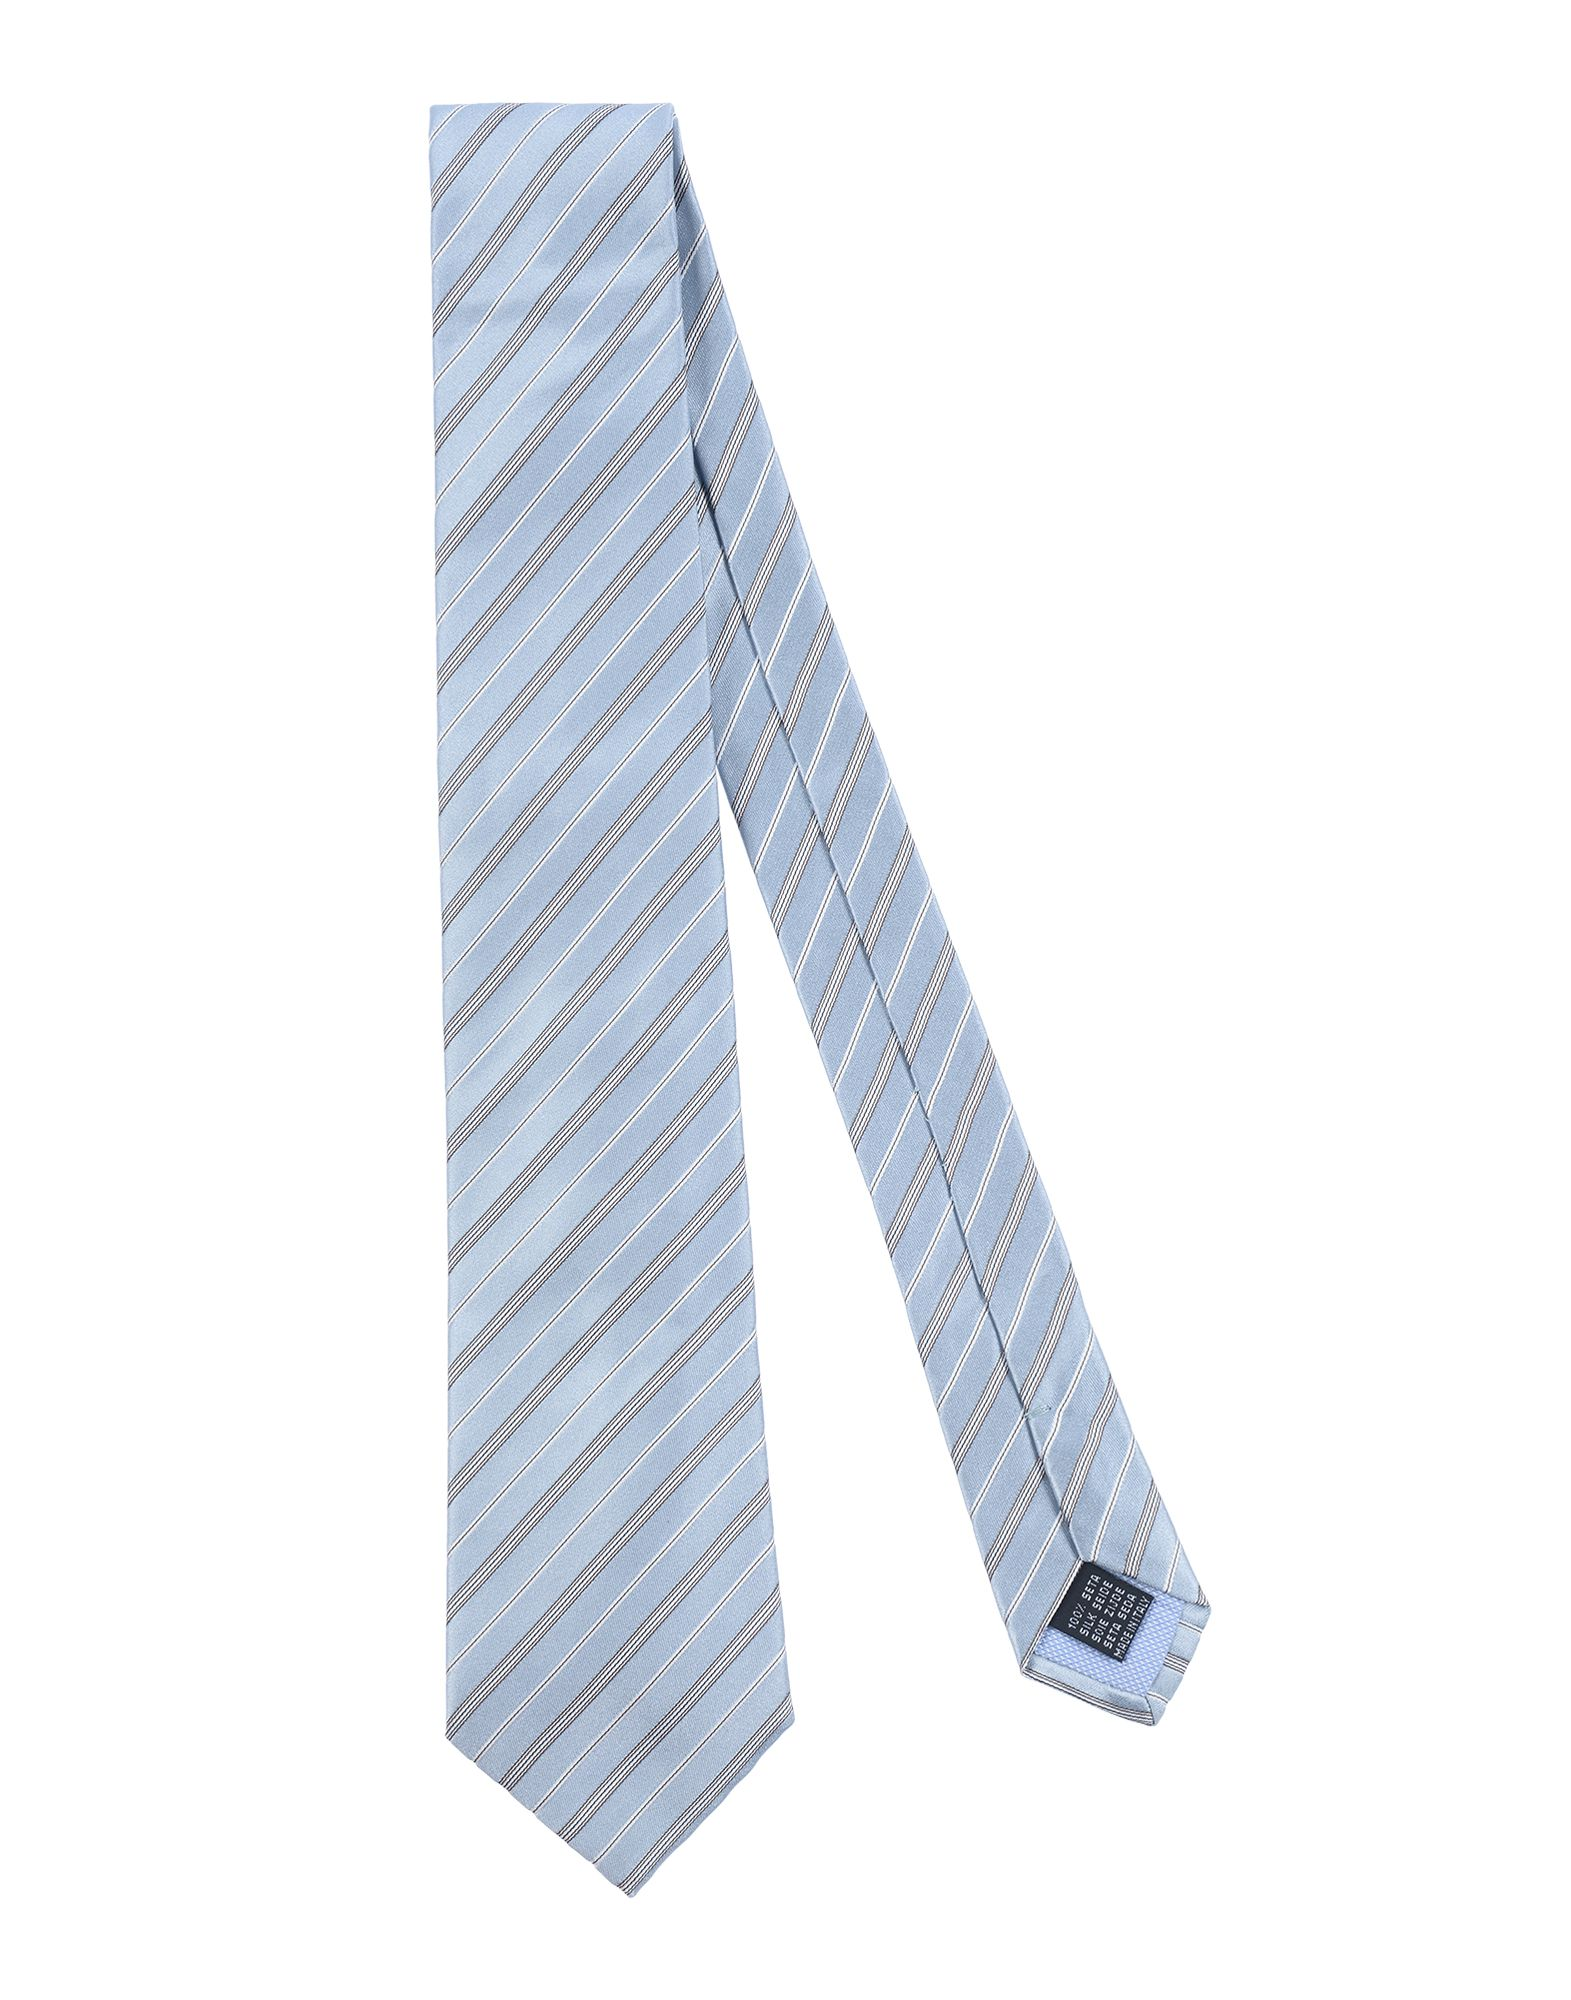 《送料無料》RODA メンズ ネクタイ スカイブルー シルク 100%